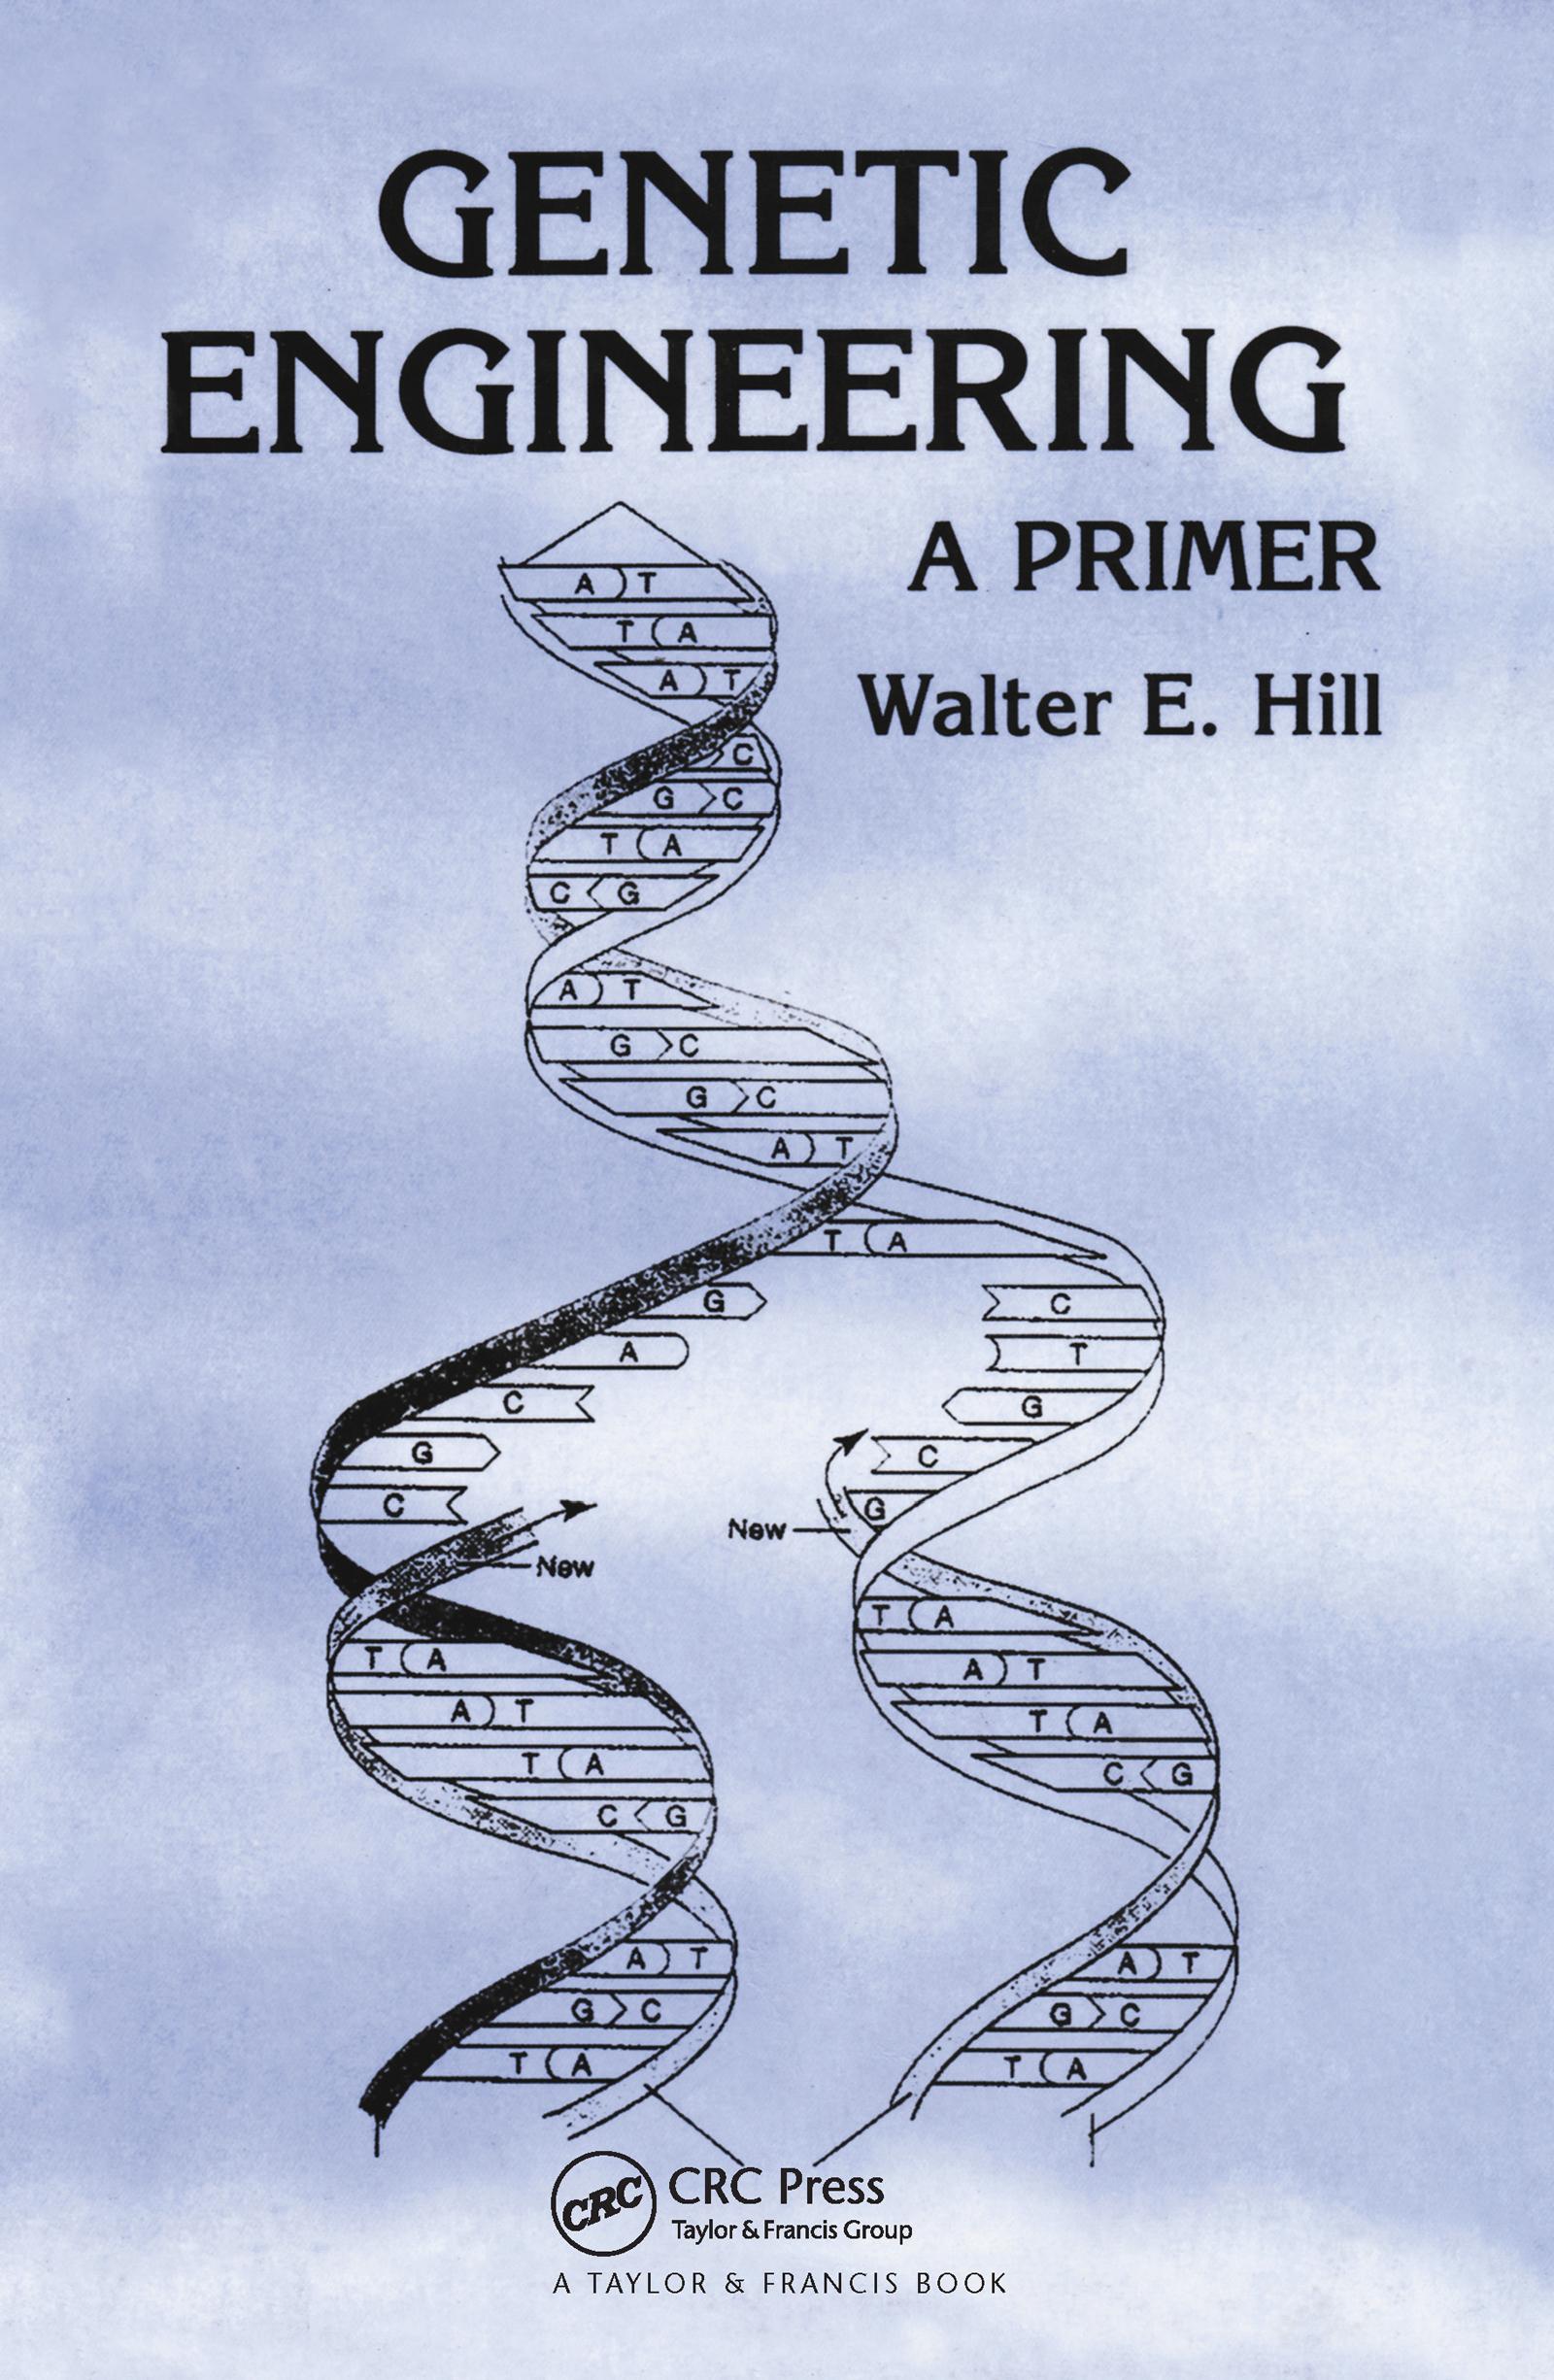 Genetic Engineering: A Primer